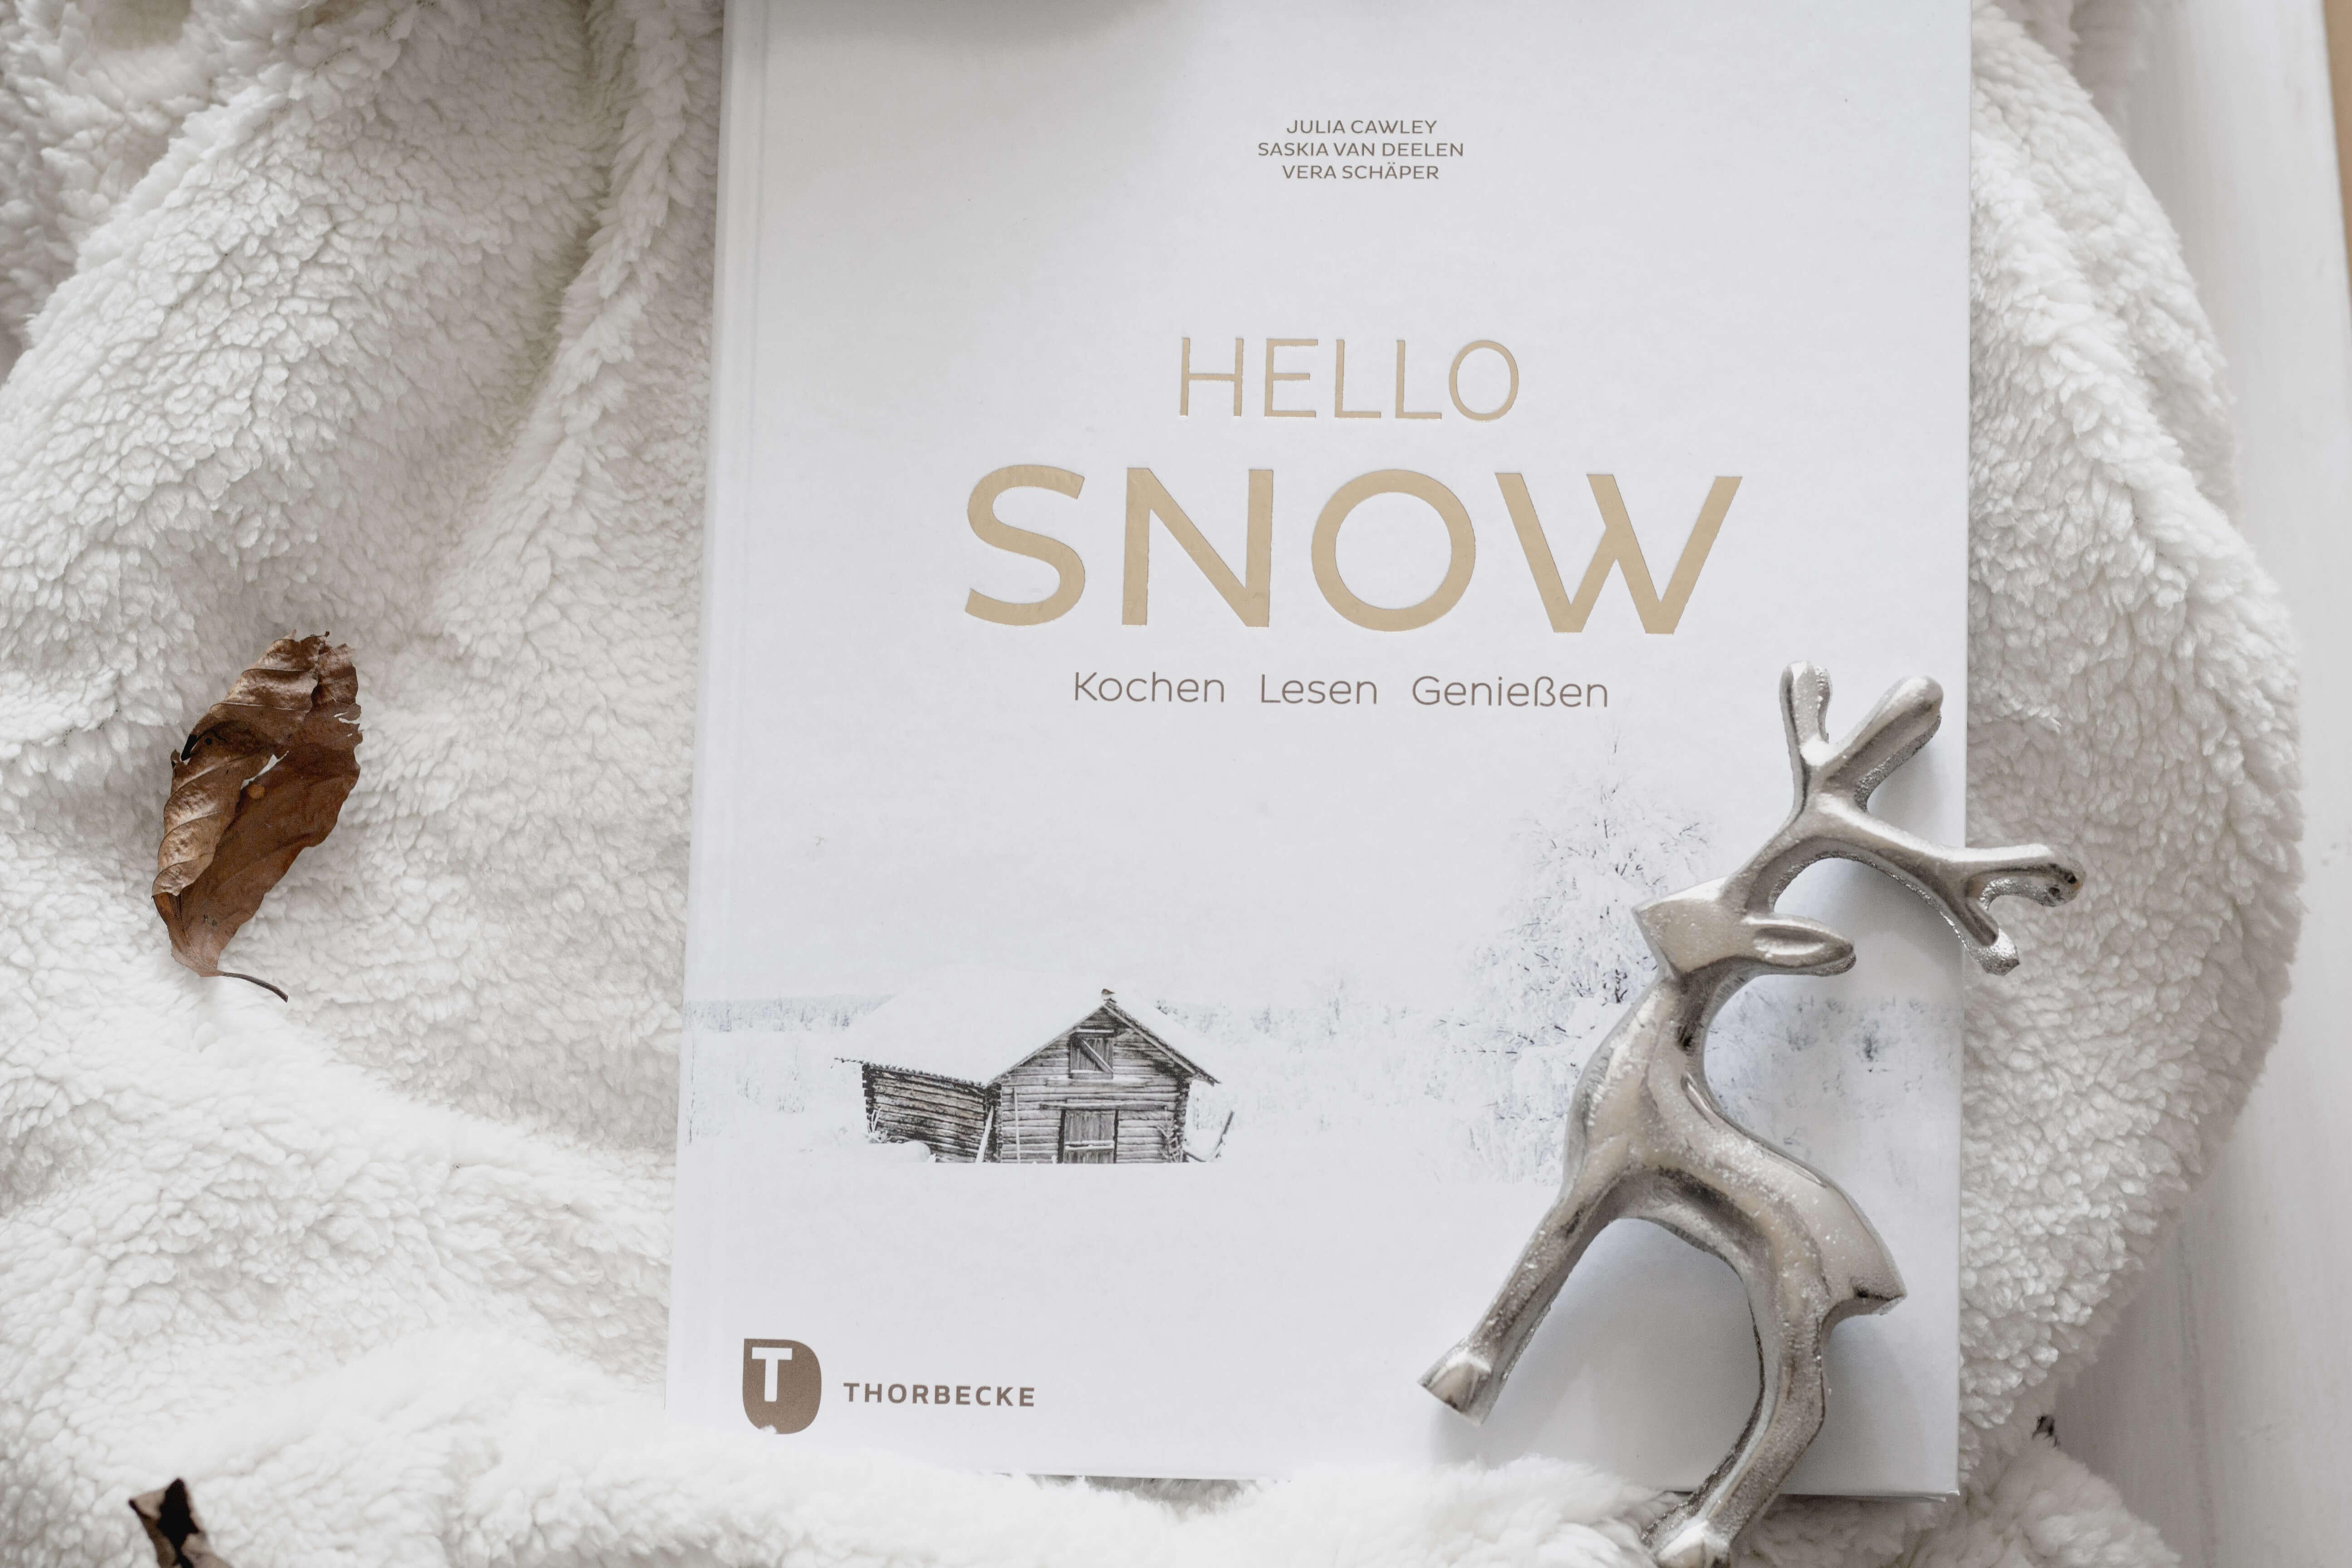 Hello Snow - Eine Liebeserklärung an den Winter!